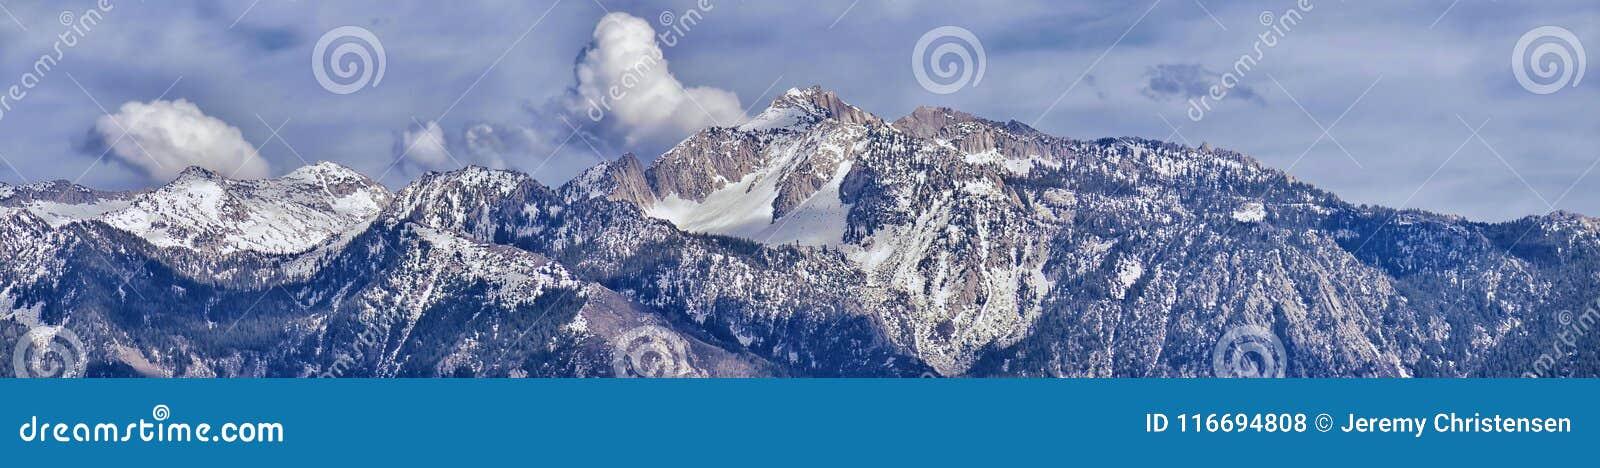 Панорамный взгляд горы Уосата передней скалистой, выделяющ уединённую гору пика и грома от долины Большого озера в ухе